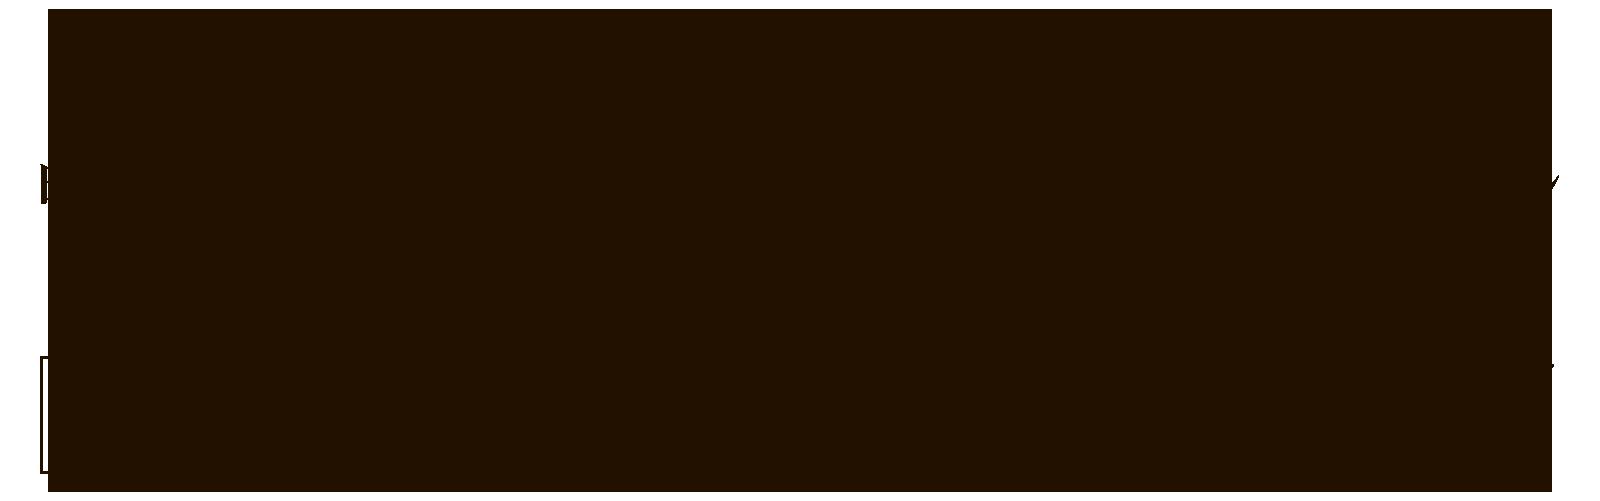 2018年9月24日(月・休)~2019年2月10日(日) 日本特殊陶業市民会館フォレストホール・愛知県芸術劇場コンサートホール マイシート(全8公演通し券)4月17日(火)10:00発売・公演別チケット6月2日(土)10:00発売